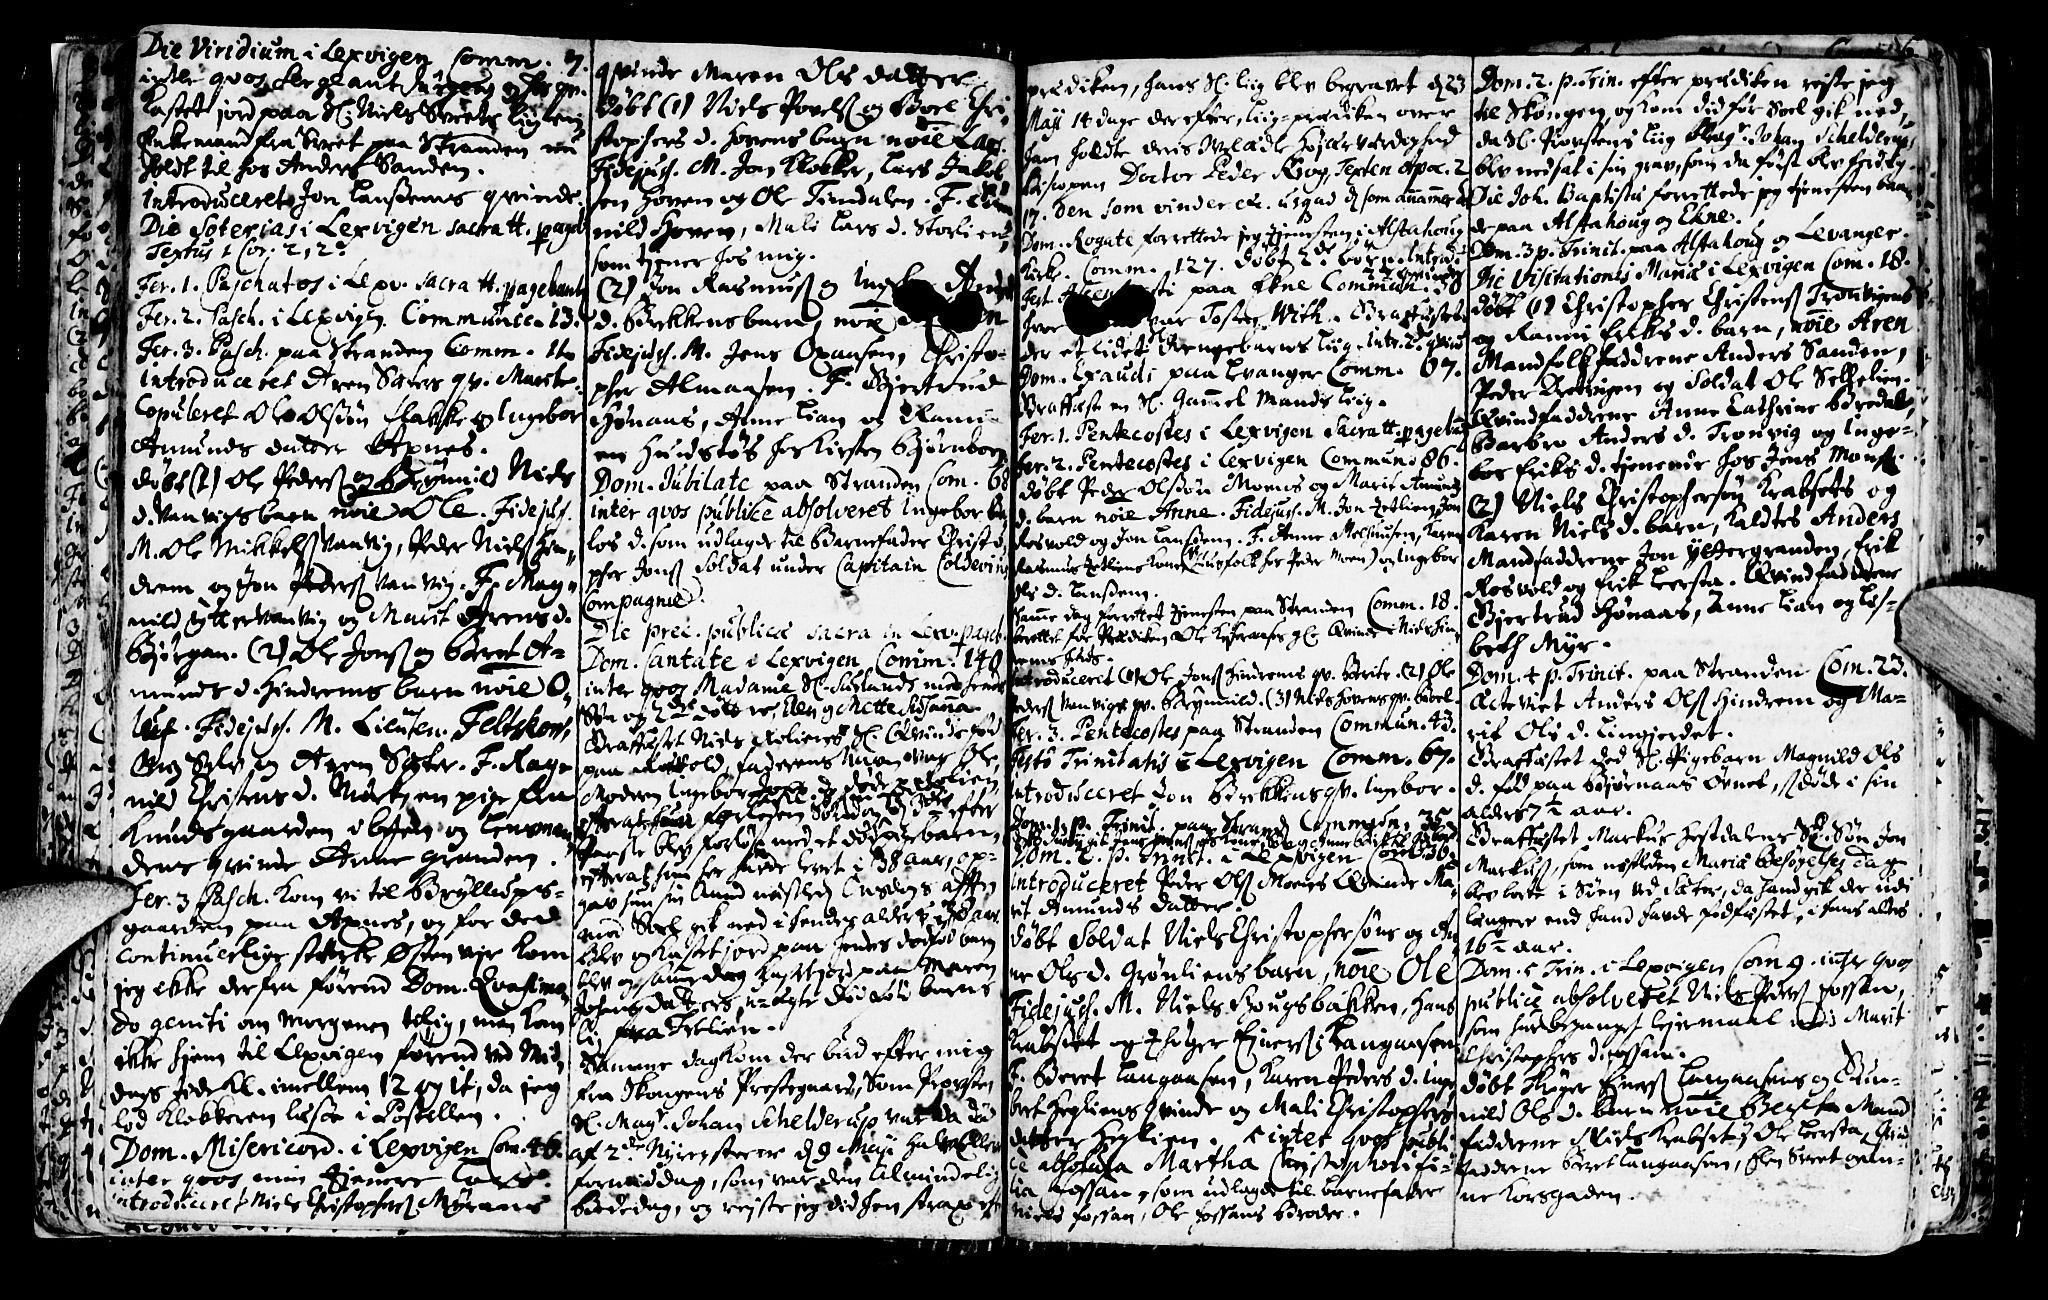 SAT, Ministerialprotokoller, klokkerbøker og fødselsregistre - Nord-Trøndelag, 701/L0001: Ministerialbok nr. 701A01, 1717-1731, s. 15